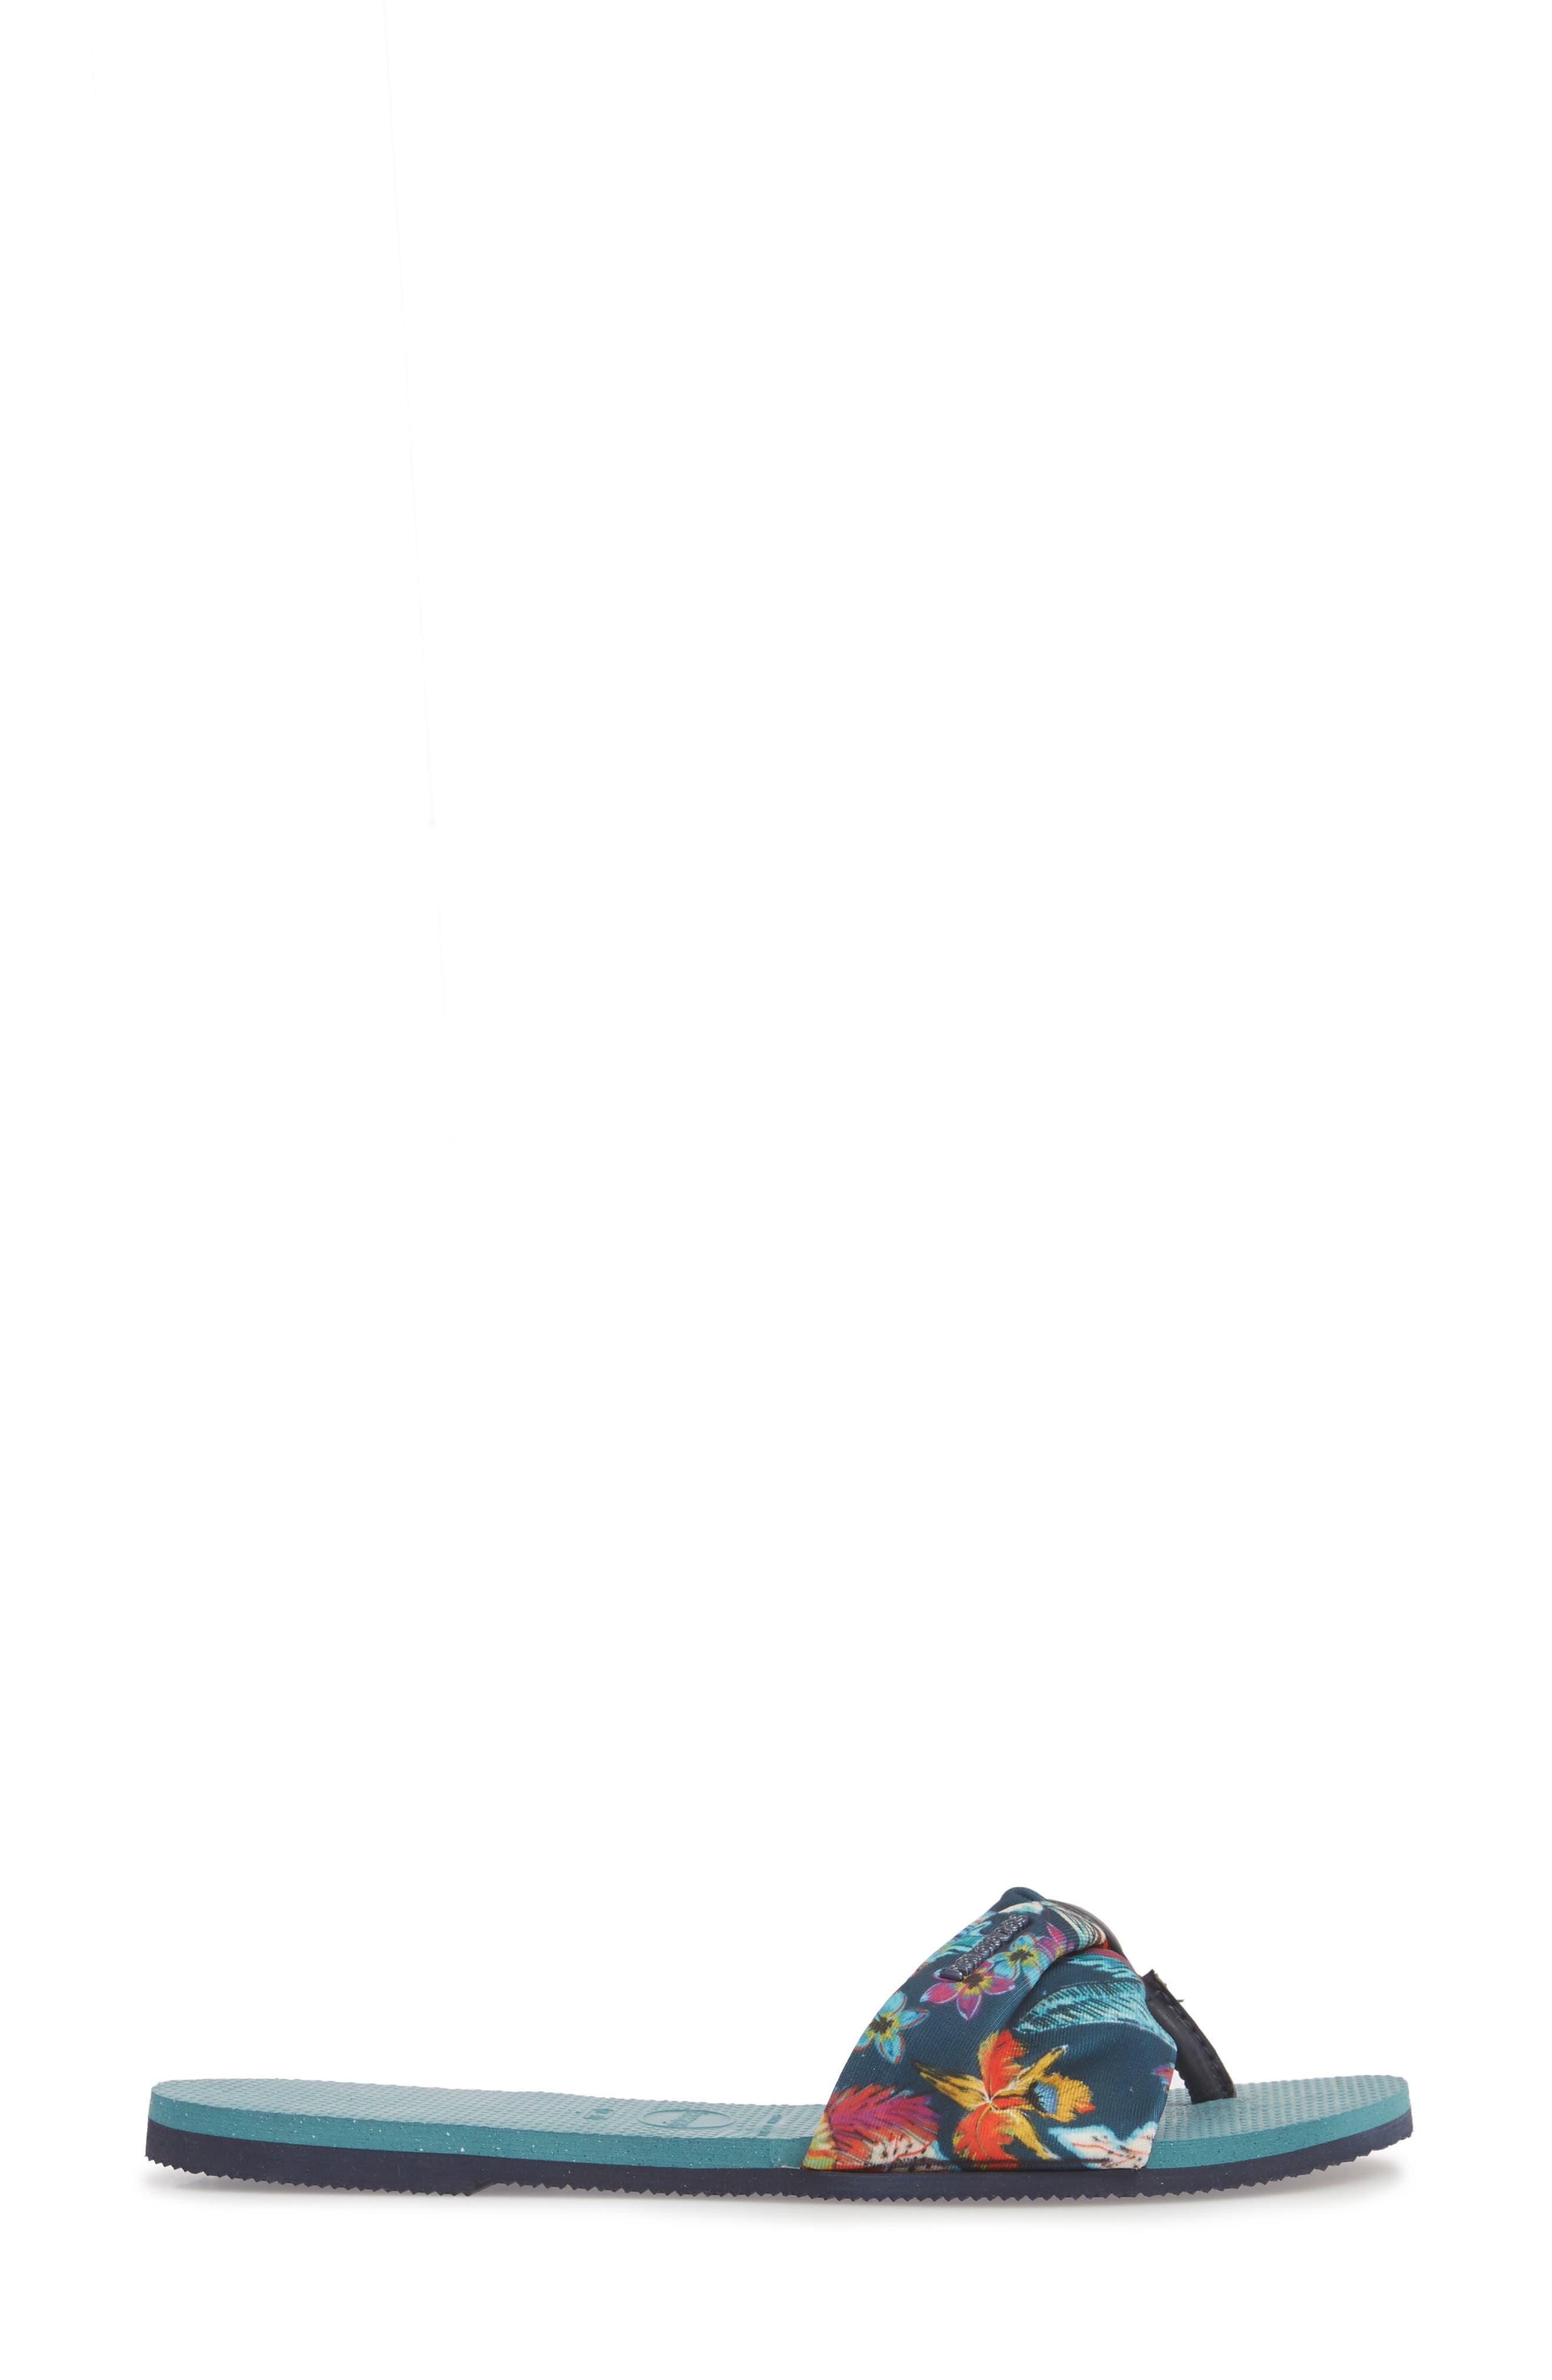 You Saint Tropez Sandal,                             Alternate thumbnail 3, color,                             MINERAL BLUE